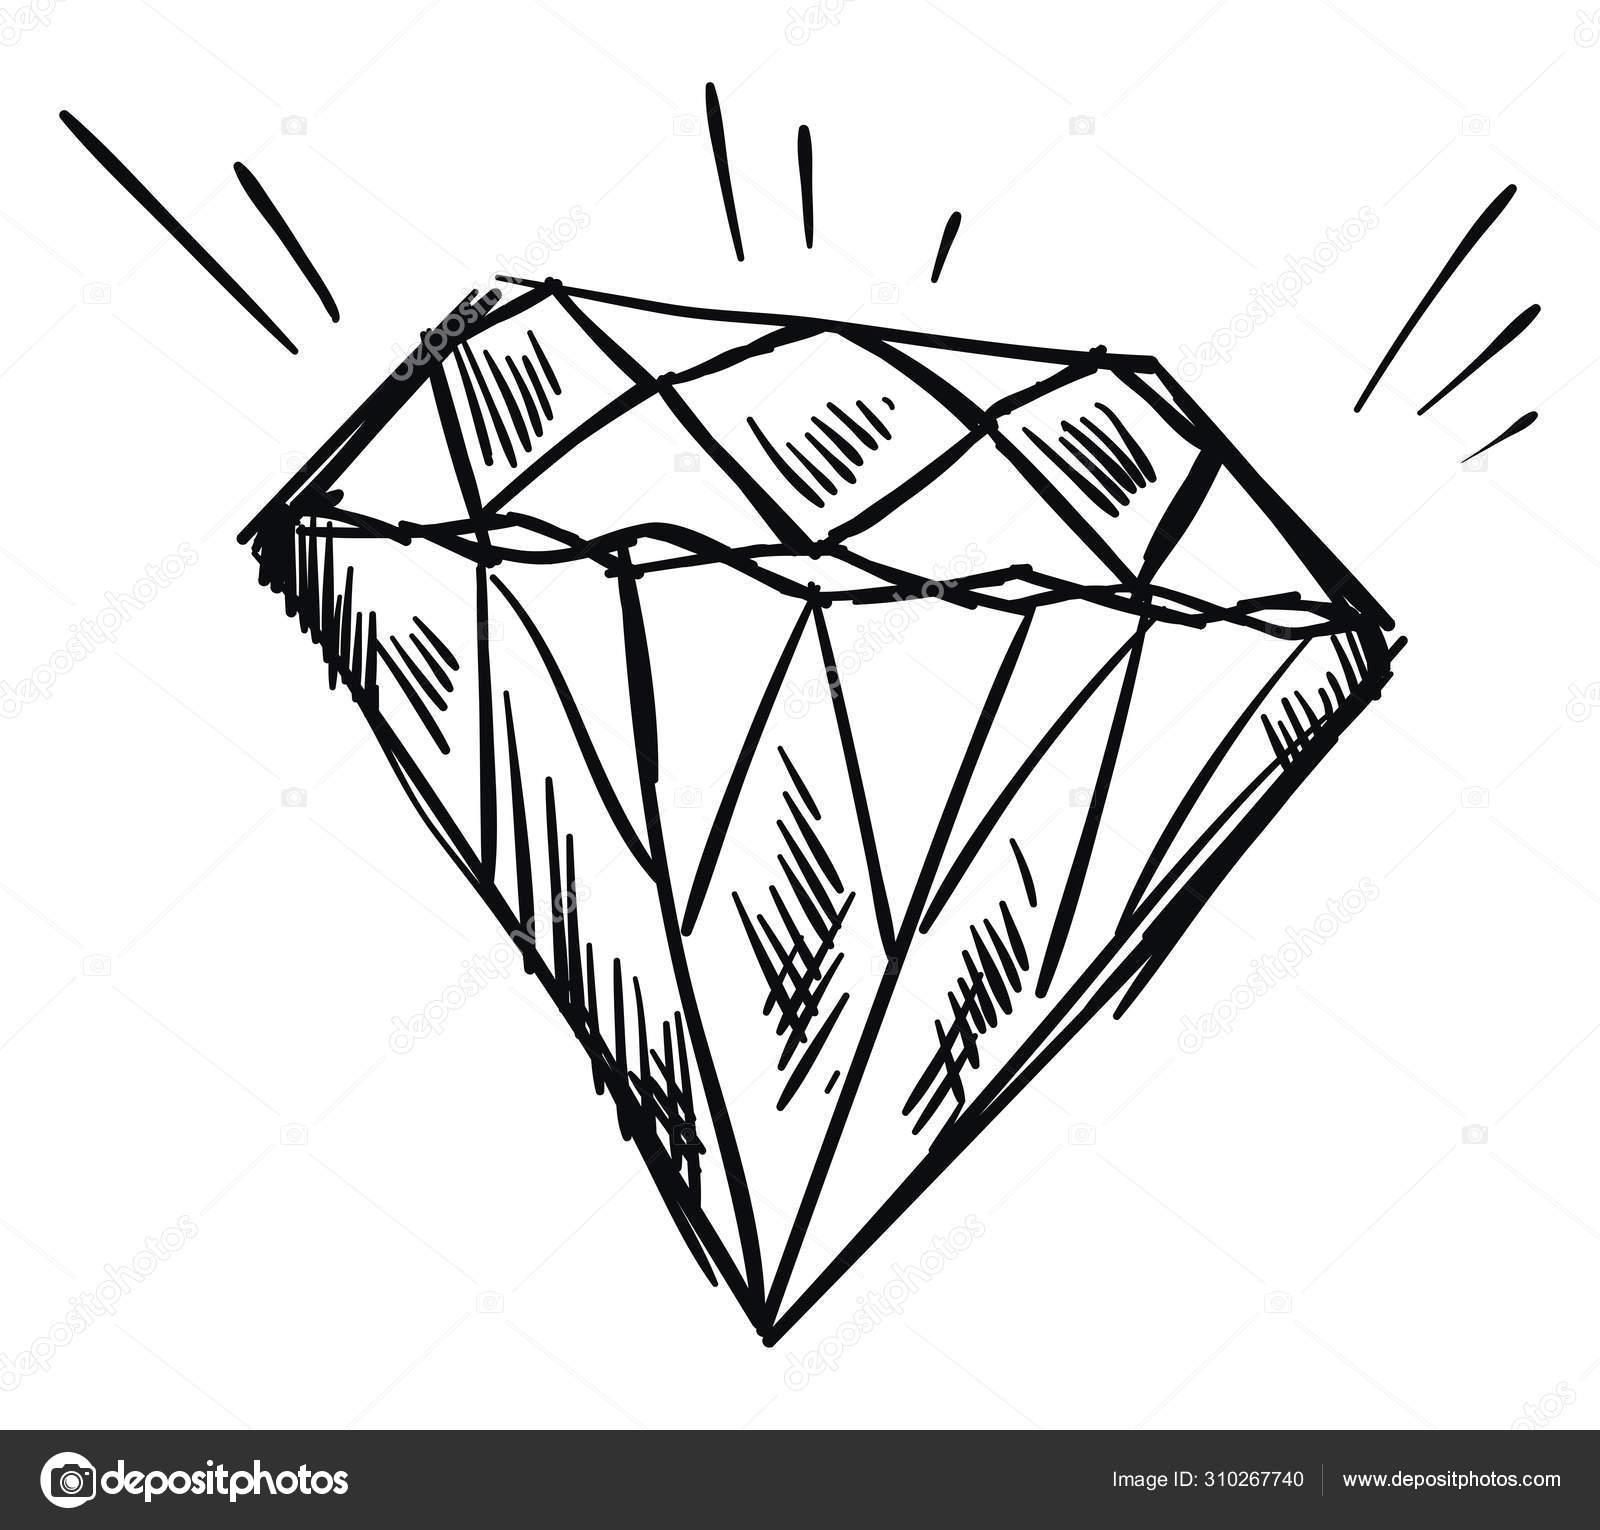 diamond drawing illustration vector on white background stock vector c morphart 310267740 diamond drawing illustration vector on white background stock vector c morphart 310267740